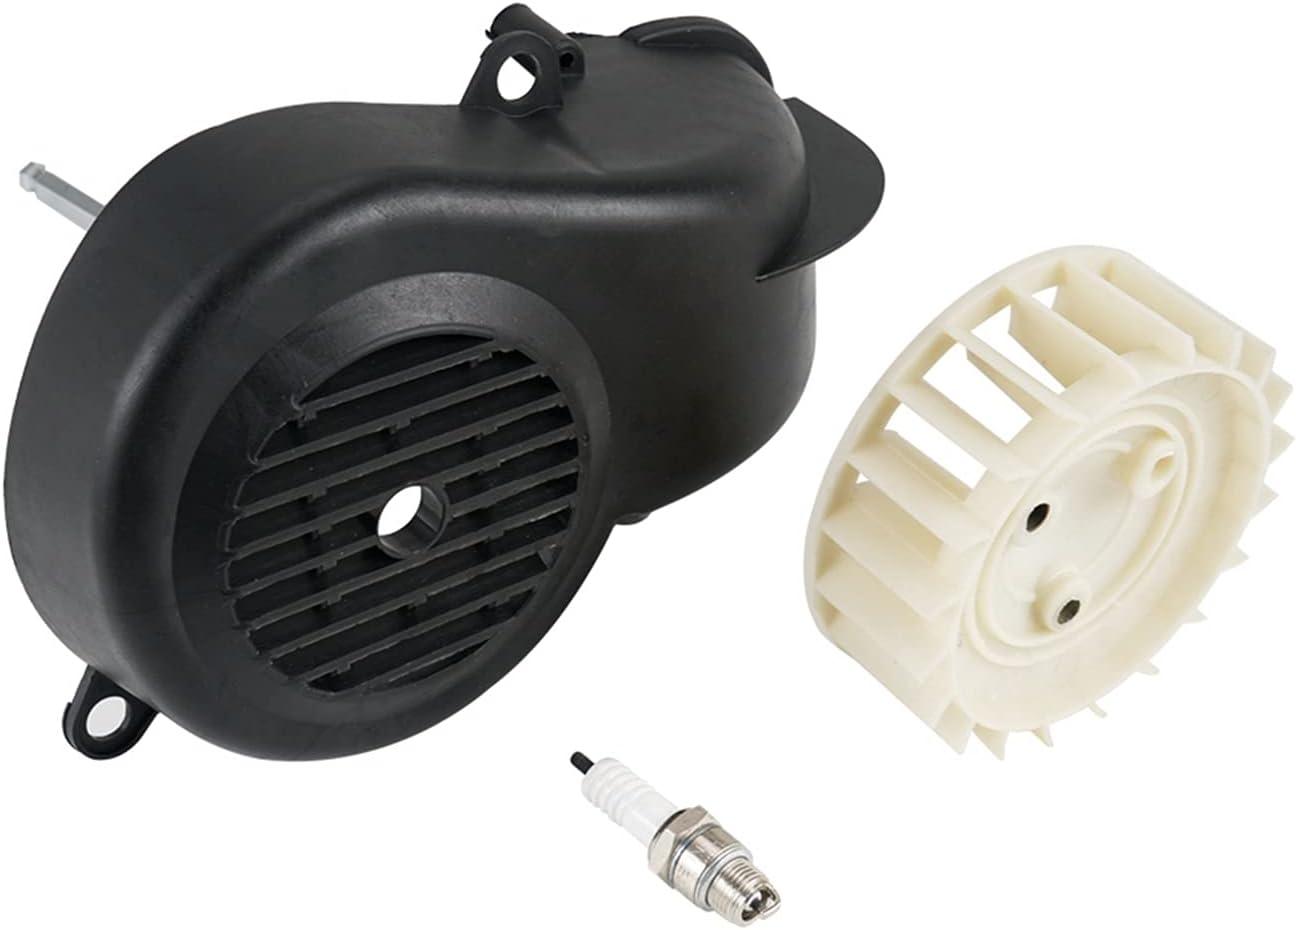 XINLIN Ruderude Canal DE TELEVISIÓN BRITÁNICO Motor de Aire Complete el Ventilador de refrigeración Ajuste para Polaris Depredator Sportsman Scrambler 90 2-Stroke para 2T Yamaha JOG90 90cc Motores